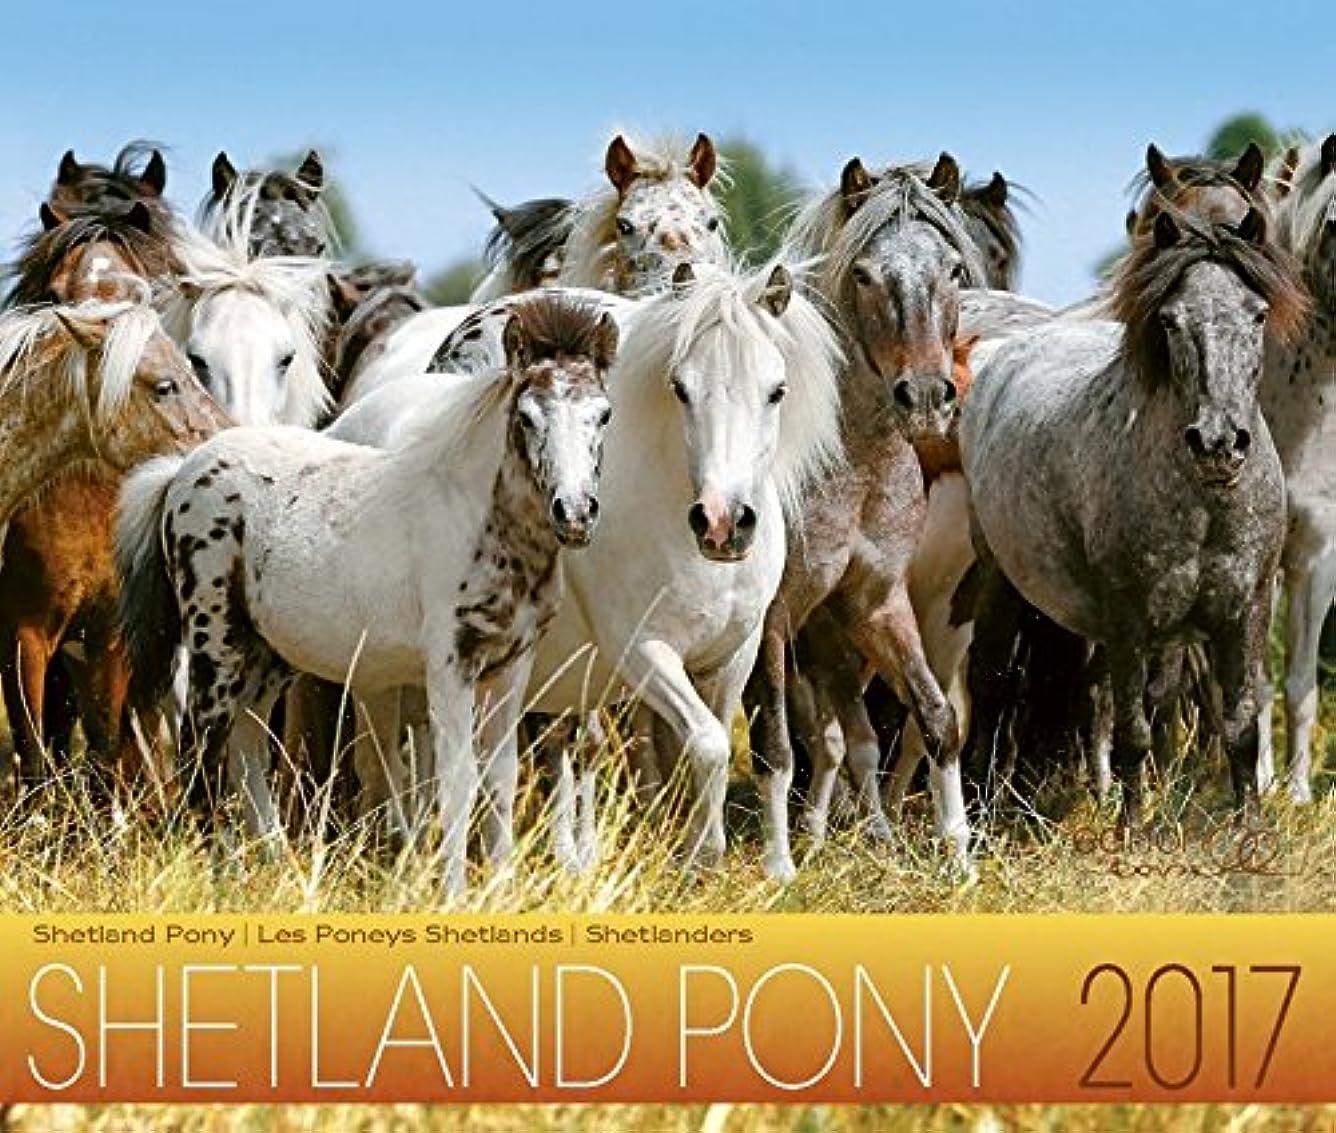 出血終わらせるずらすShetland Pony 2017: Shetland Pony